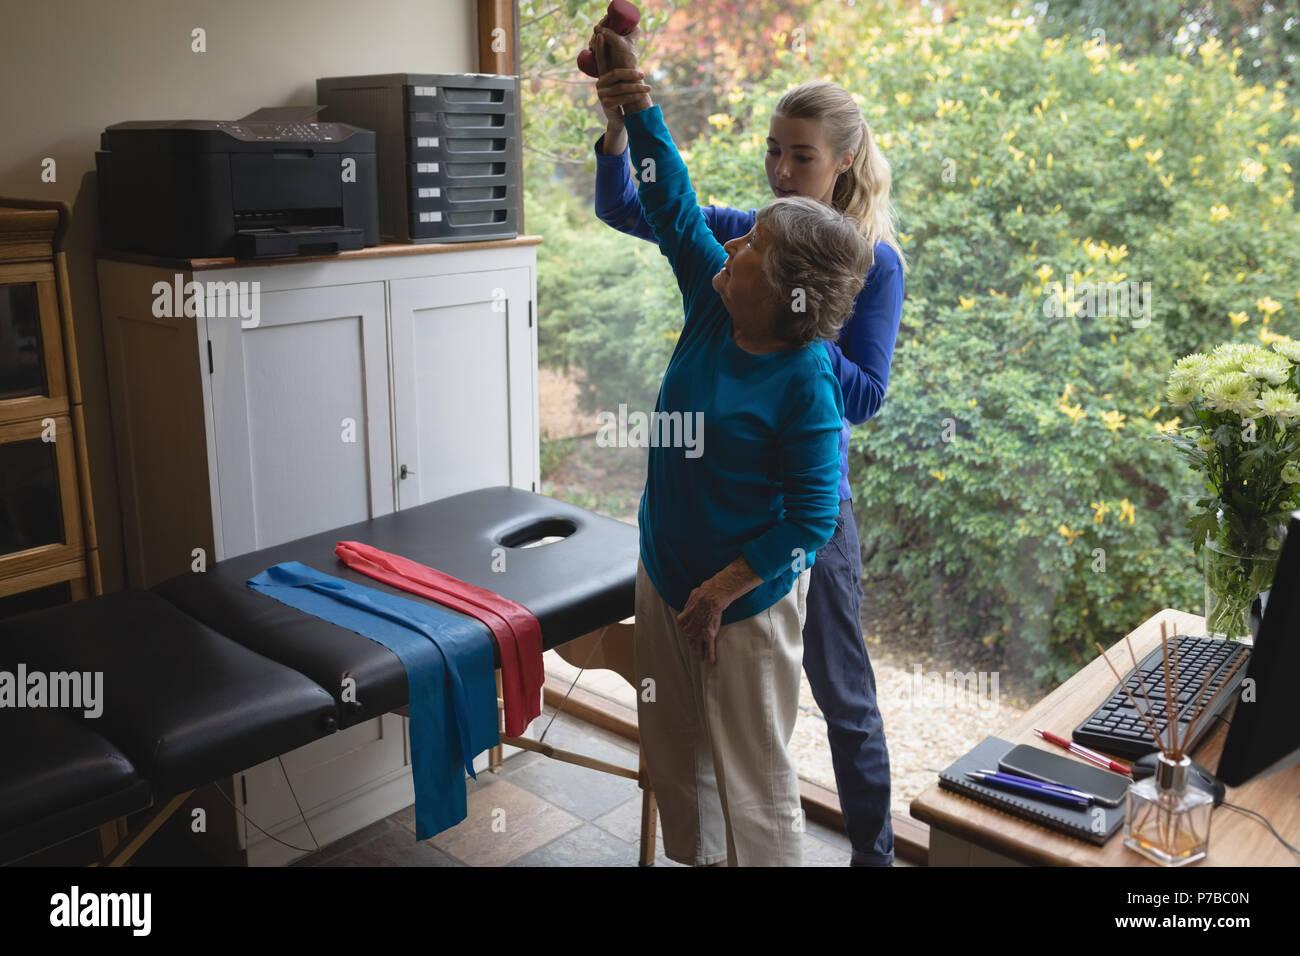 Fisioterapista assistere una donna senior con esercizi di fisioterapia Immagini Stock